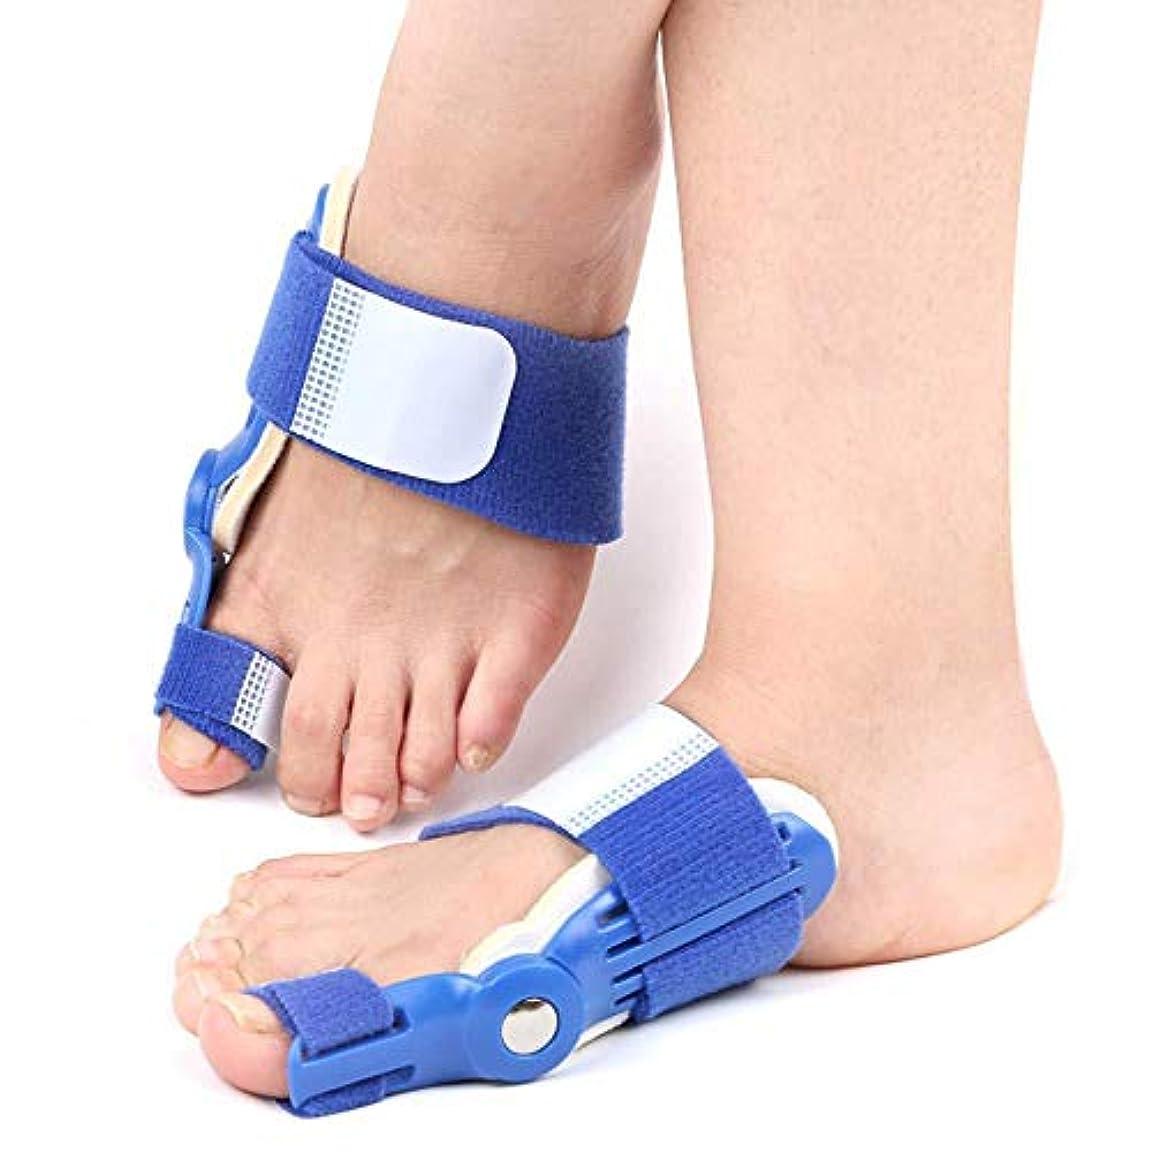 エール大気タッチ腱膜瘤矯正、足の親指のアライメント矯正矯正外科的疼痛緩和と腱膜瘤のサポートなしの腱膜瘤治療